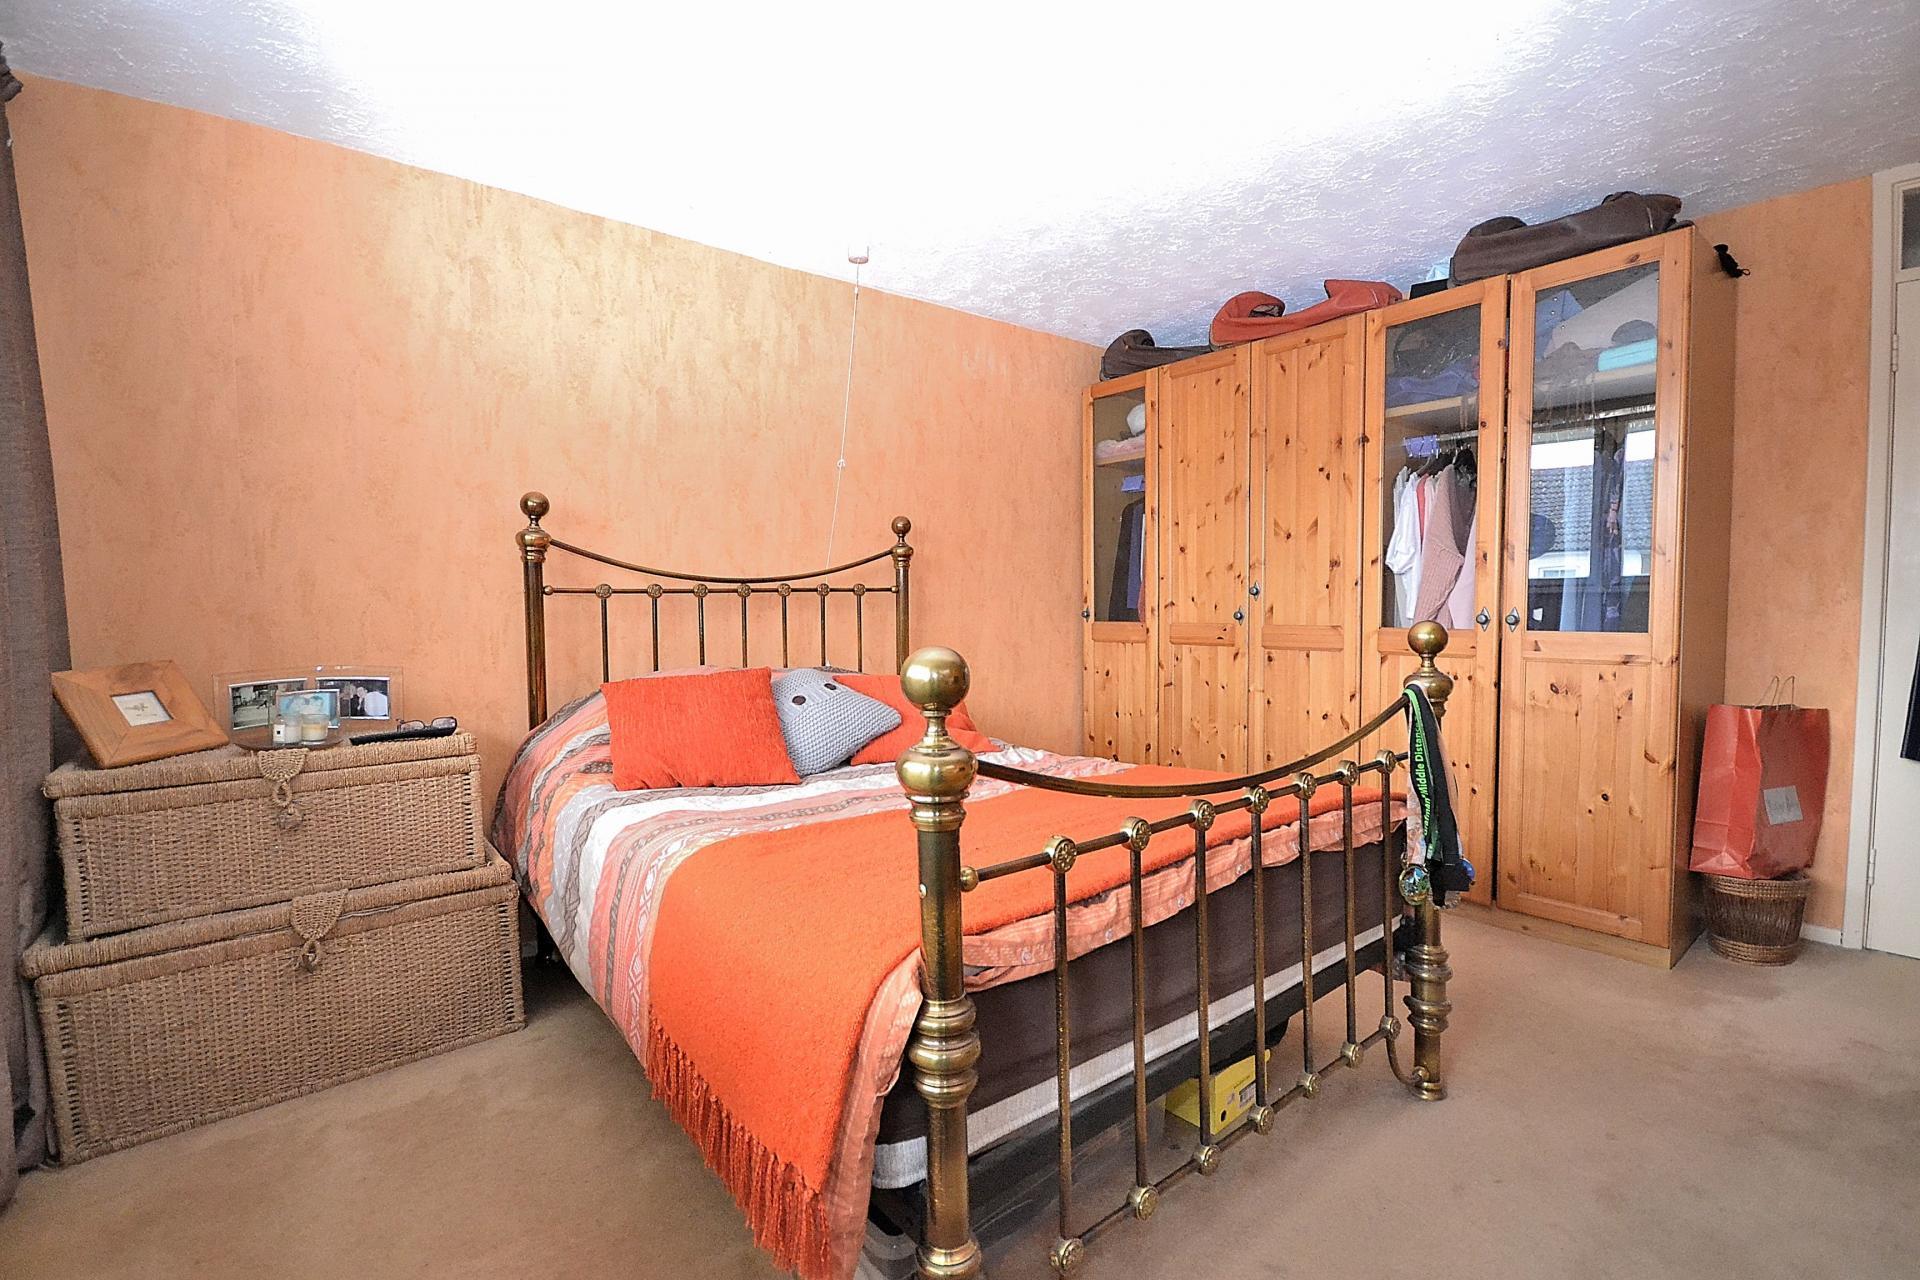 2 bedroom flat for sale in leighton buzzard for Hockliffe garage doors